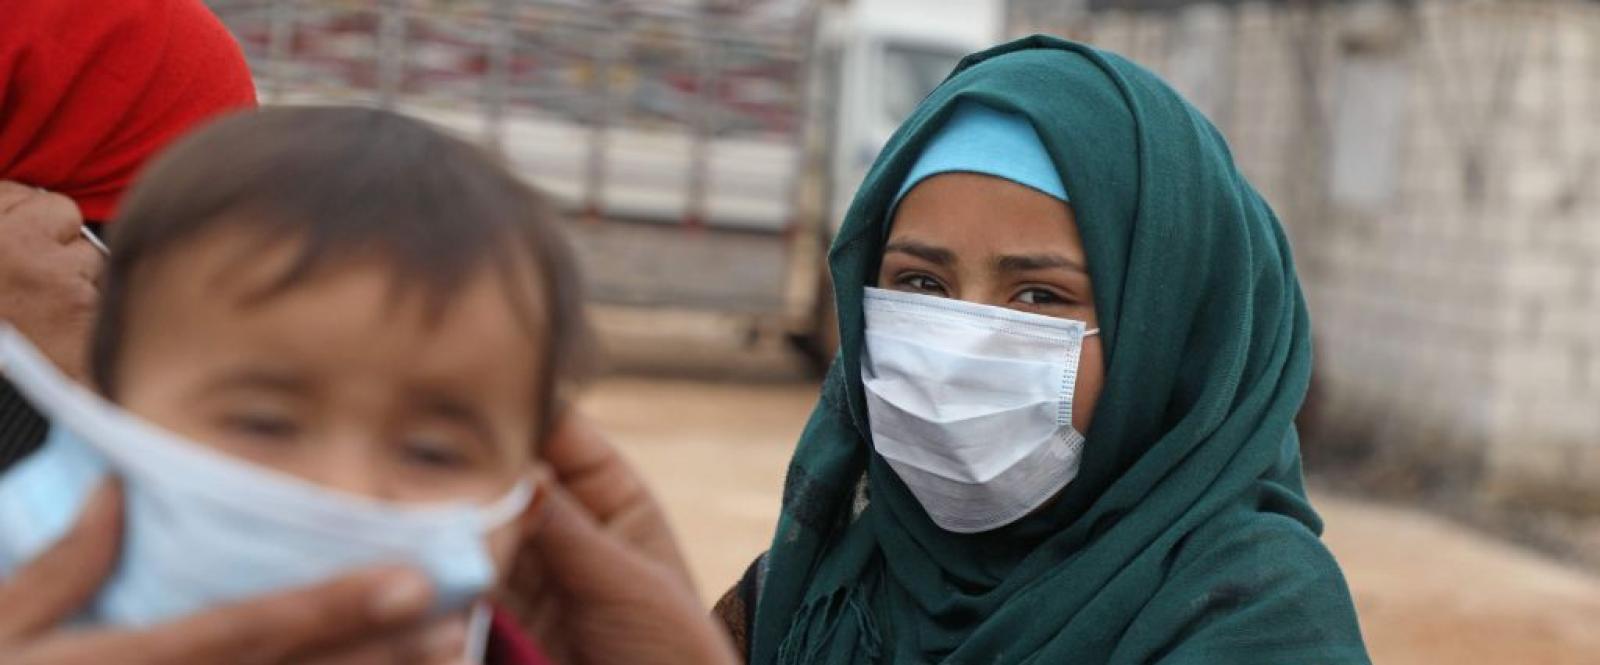 Santé des migrants en période de Covid : Le Maroc co-organise un panel de haut niveau à Genève